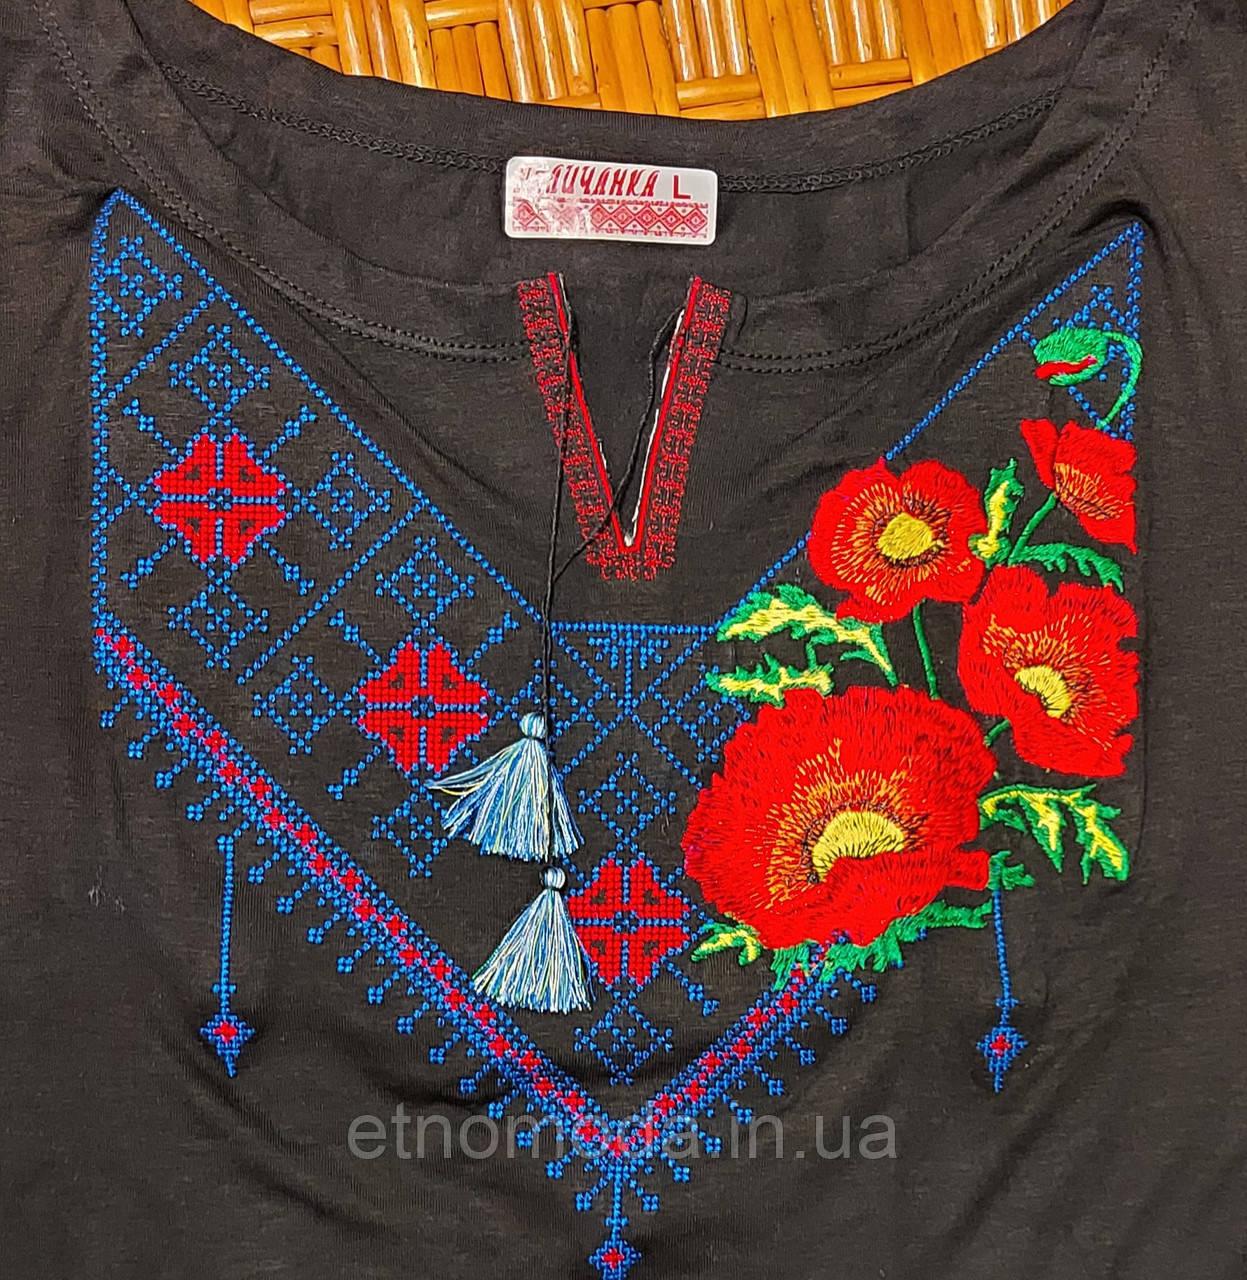 Футболка жіноча (трикотаж,кр) L Мак орнамент 027